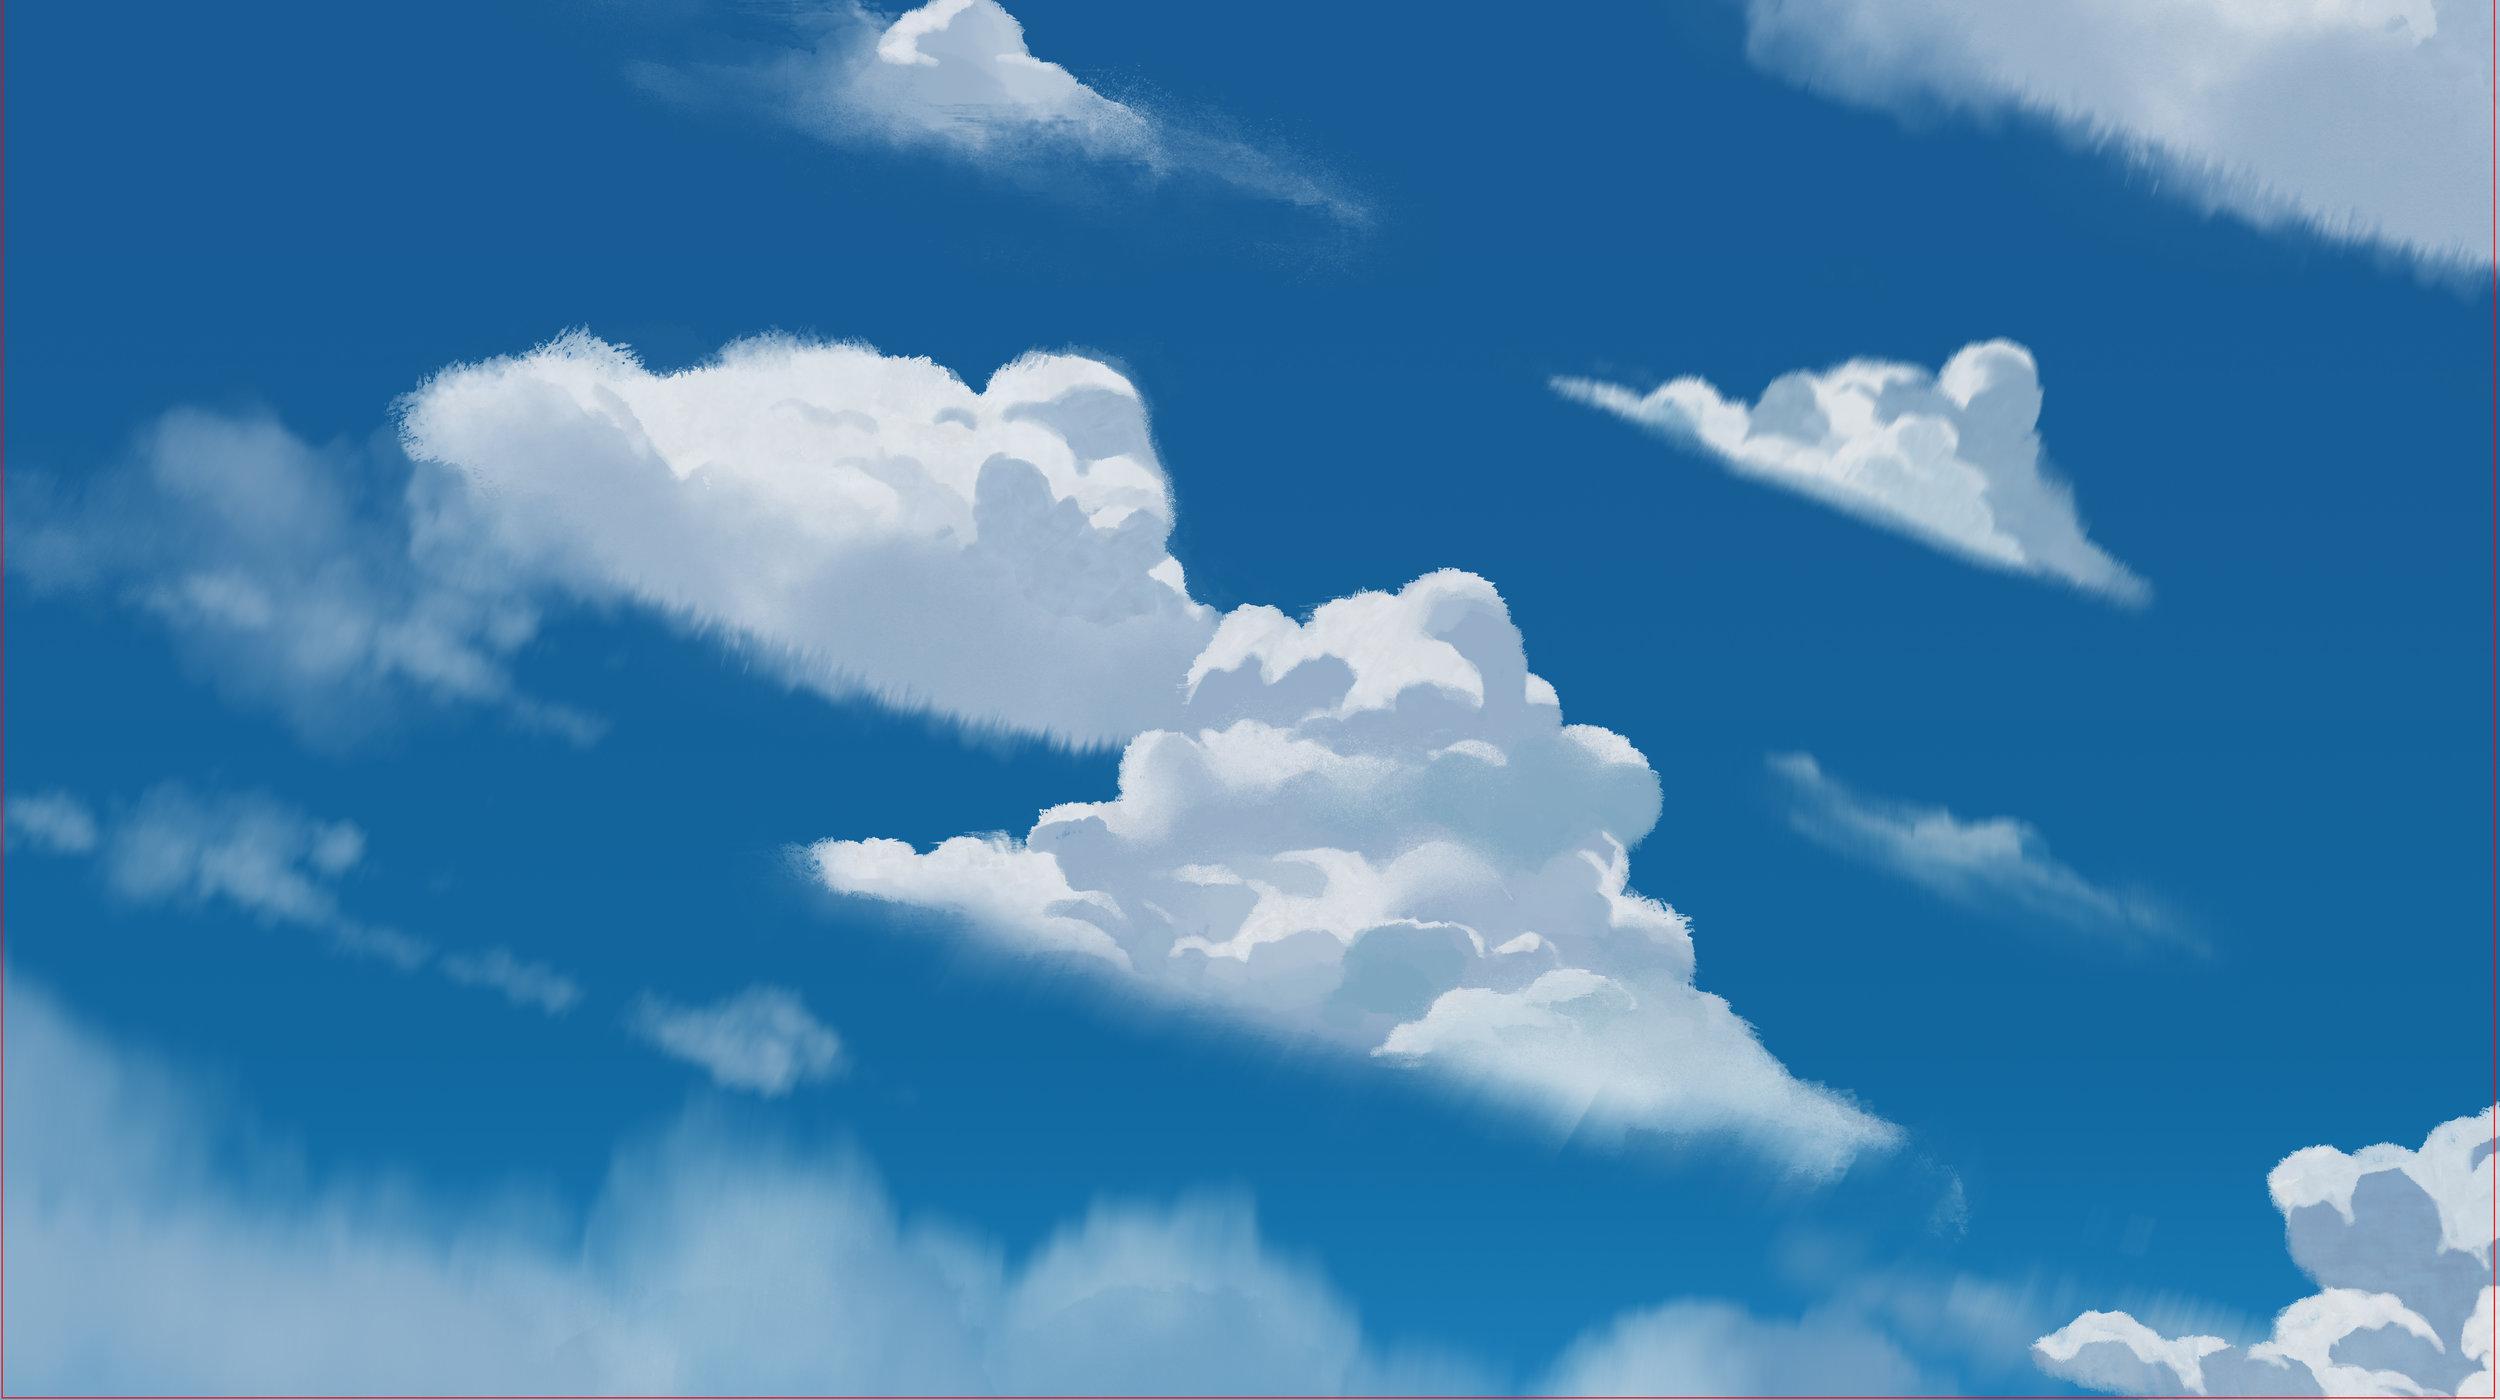 clouds_Flat.jpg